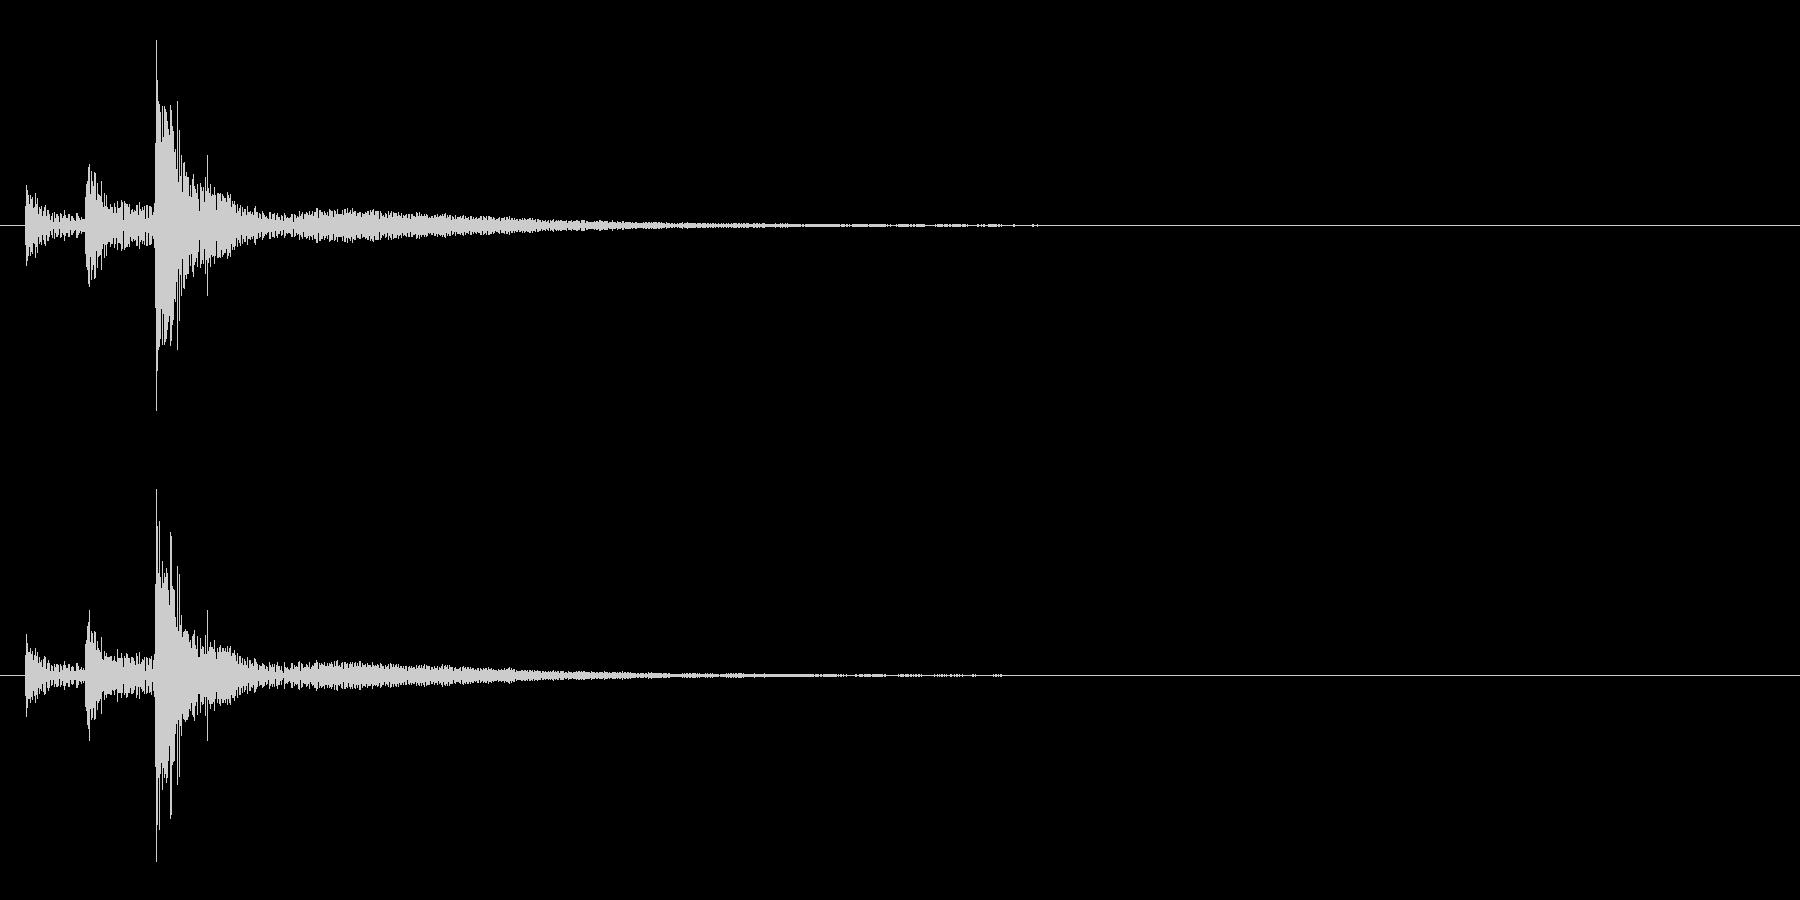 「トトトン」うちわ太皷の単発音+Fxの未再生の波形